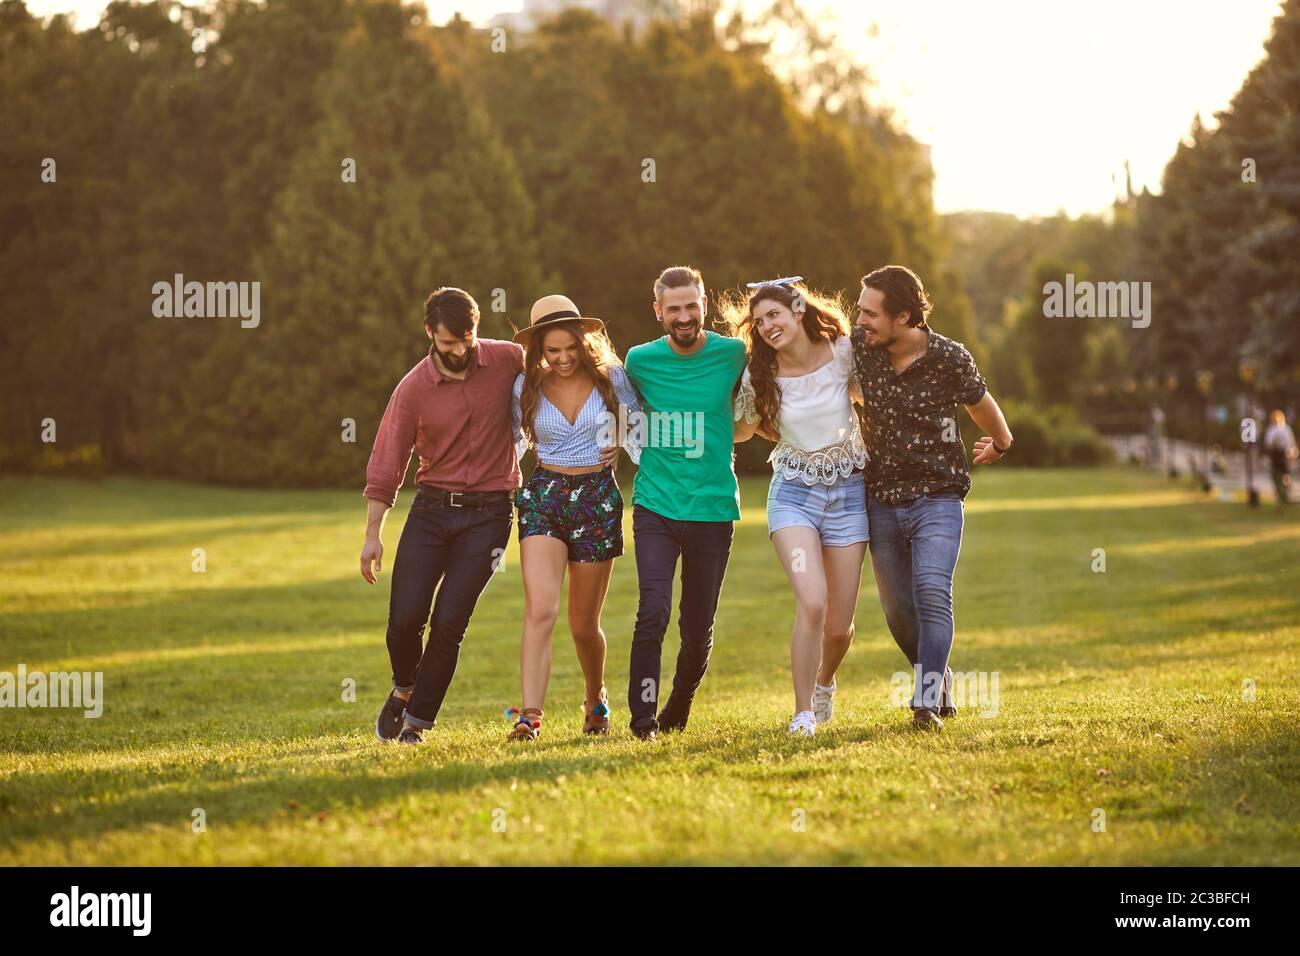 Eine Gruppe von Freunden umarmt sich während ihres Spaziergangs in der Landschaft am Sommertag. Fröhliche Leute, die ihr Wochenende draußen genießen Stockfoto